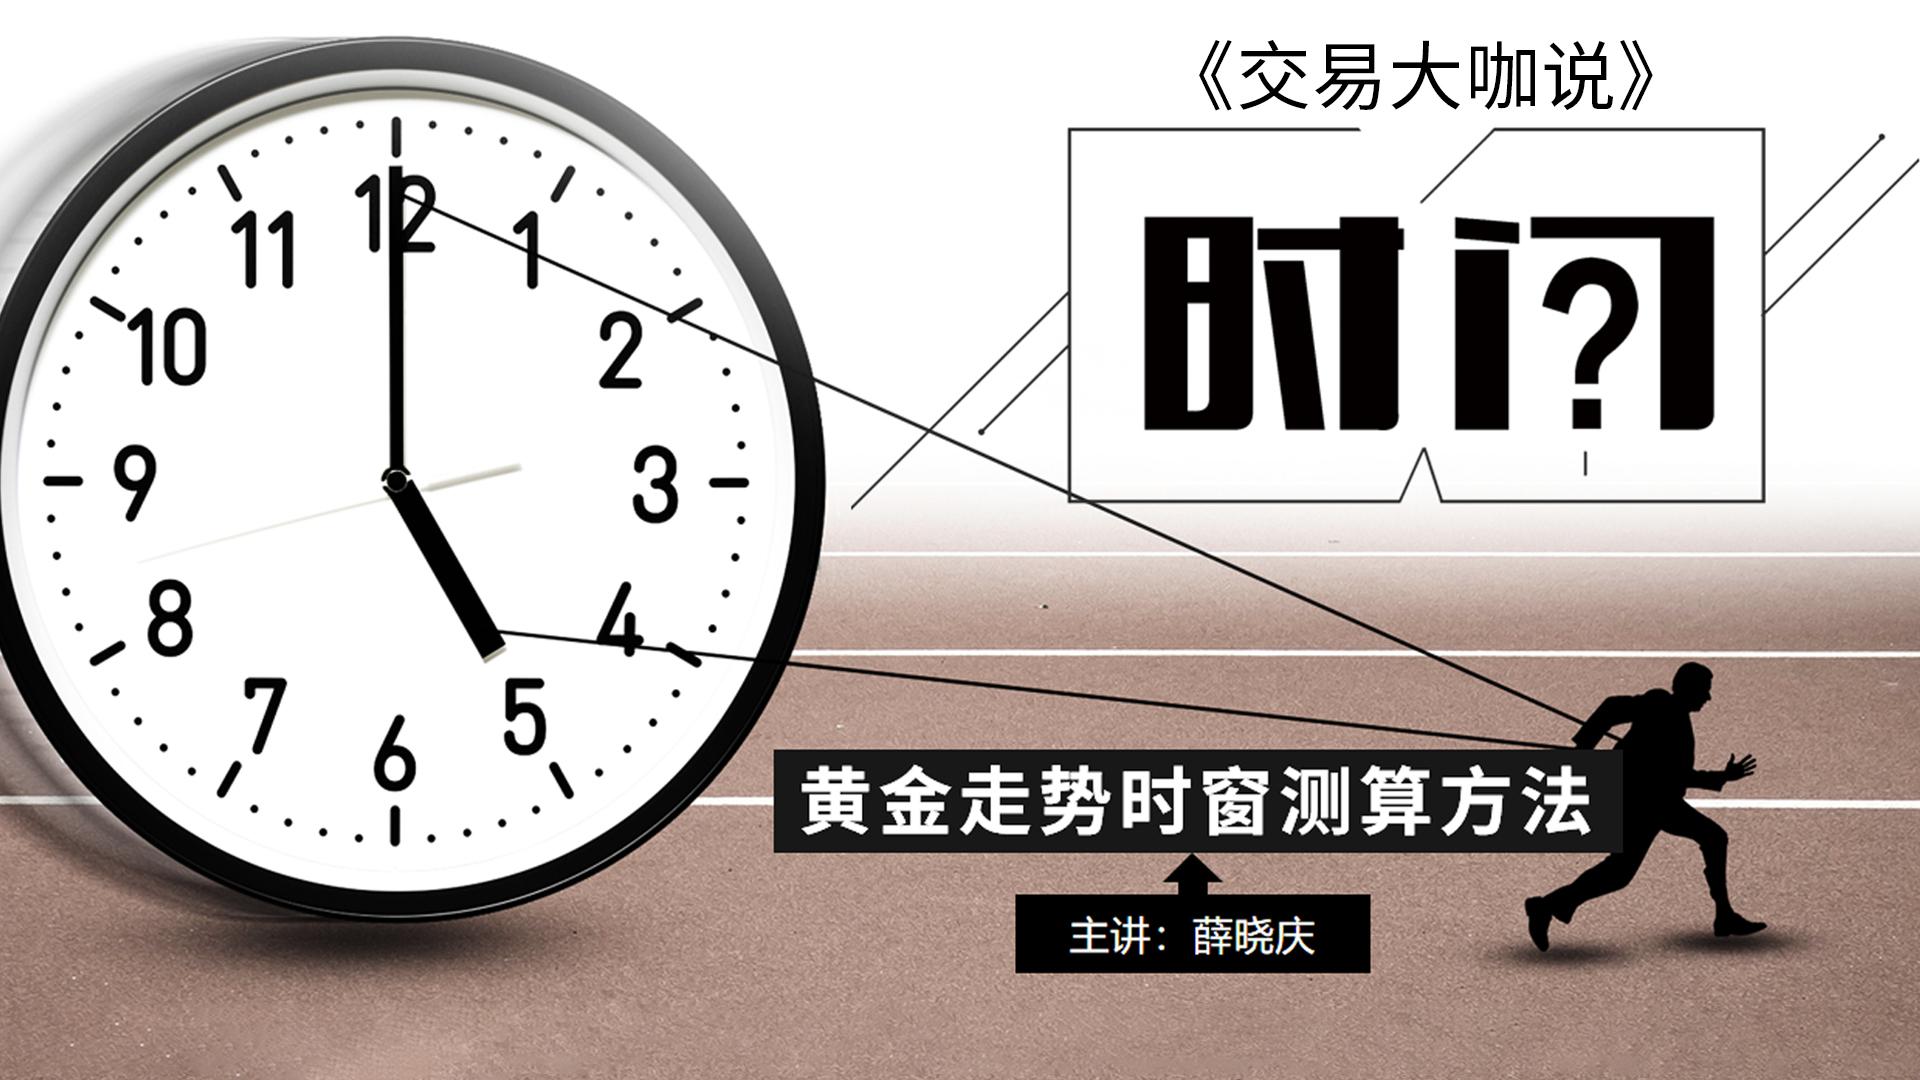 《交易大咖说》薛晓庆-2020黄金价格的时间之窗测算方法